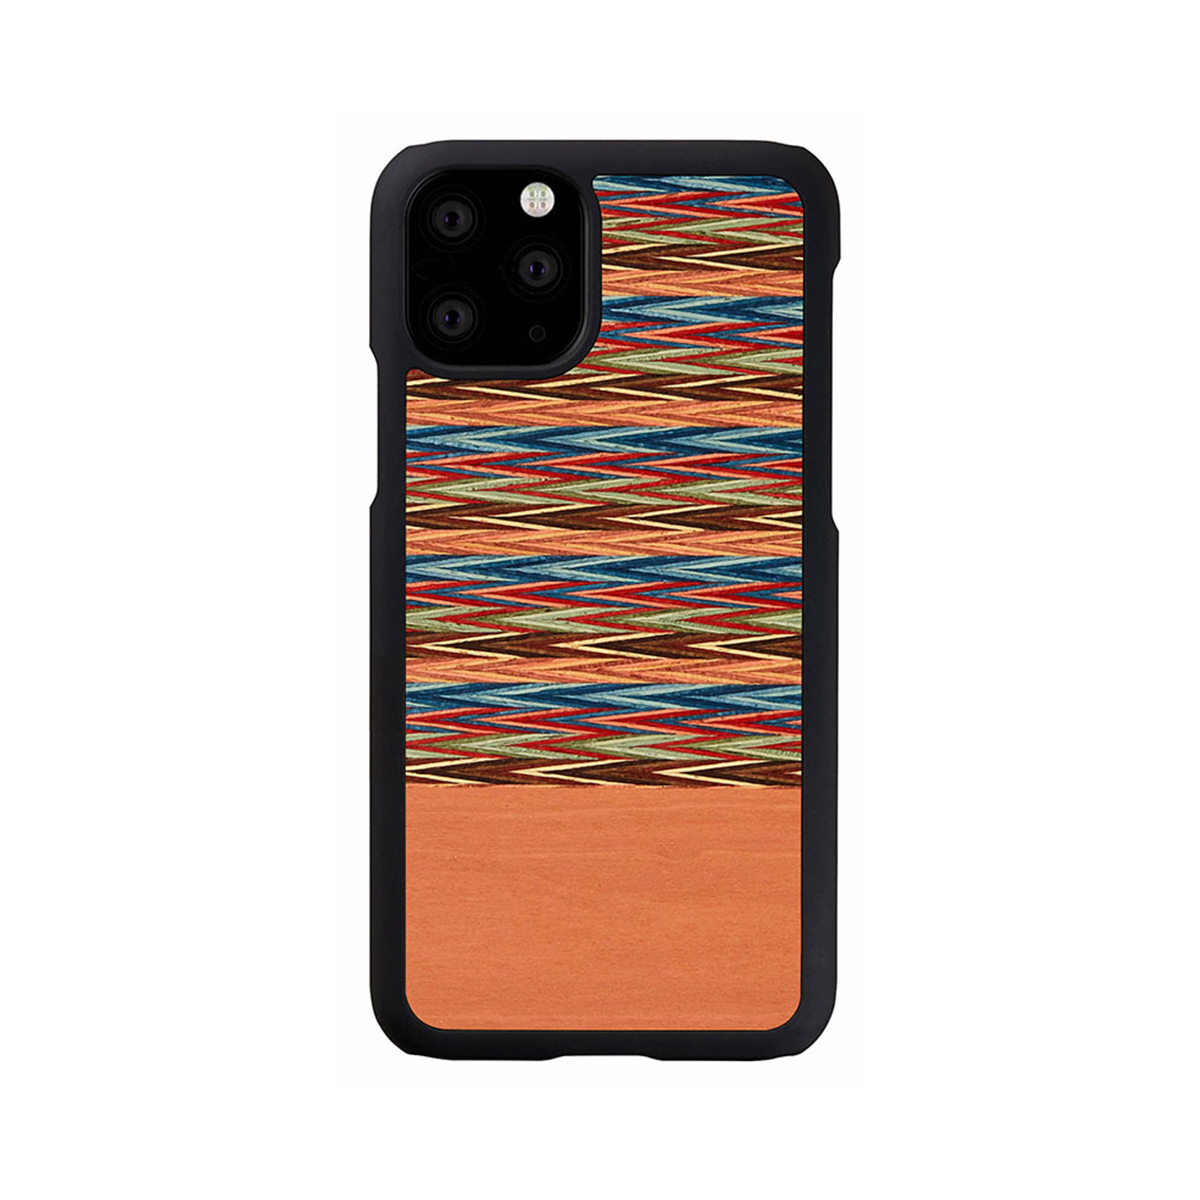 【ネコポス送料無料】【iPhone11 Pro】Man&Wood 天然木ケース Browny Check